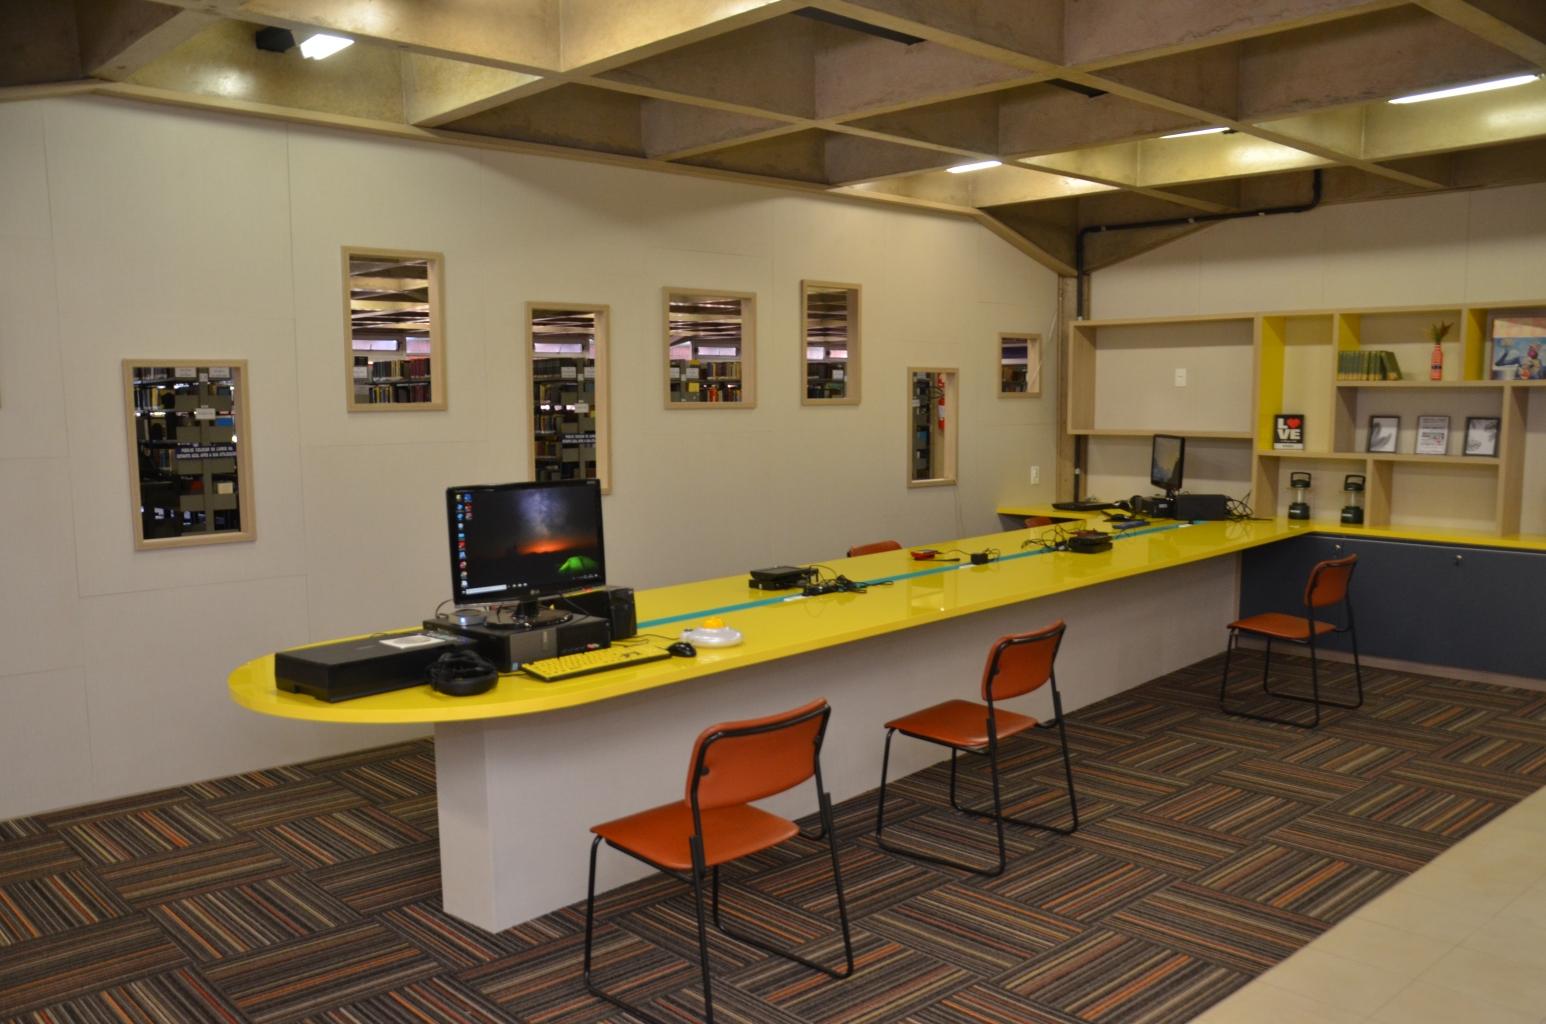 imagem destaque dsc 4004 selecionada - Biblioteca abre Espaço de Tecnologias Assistivas